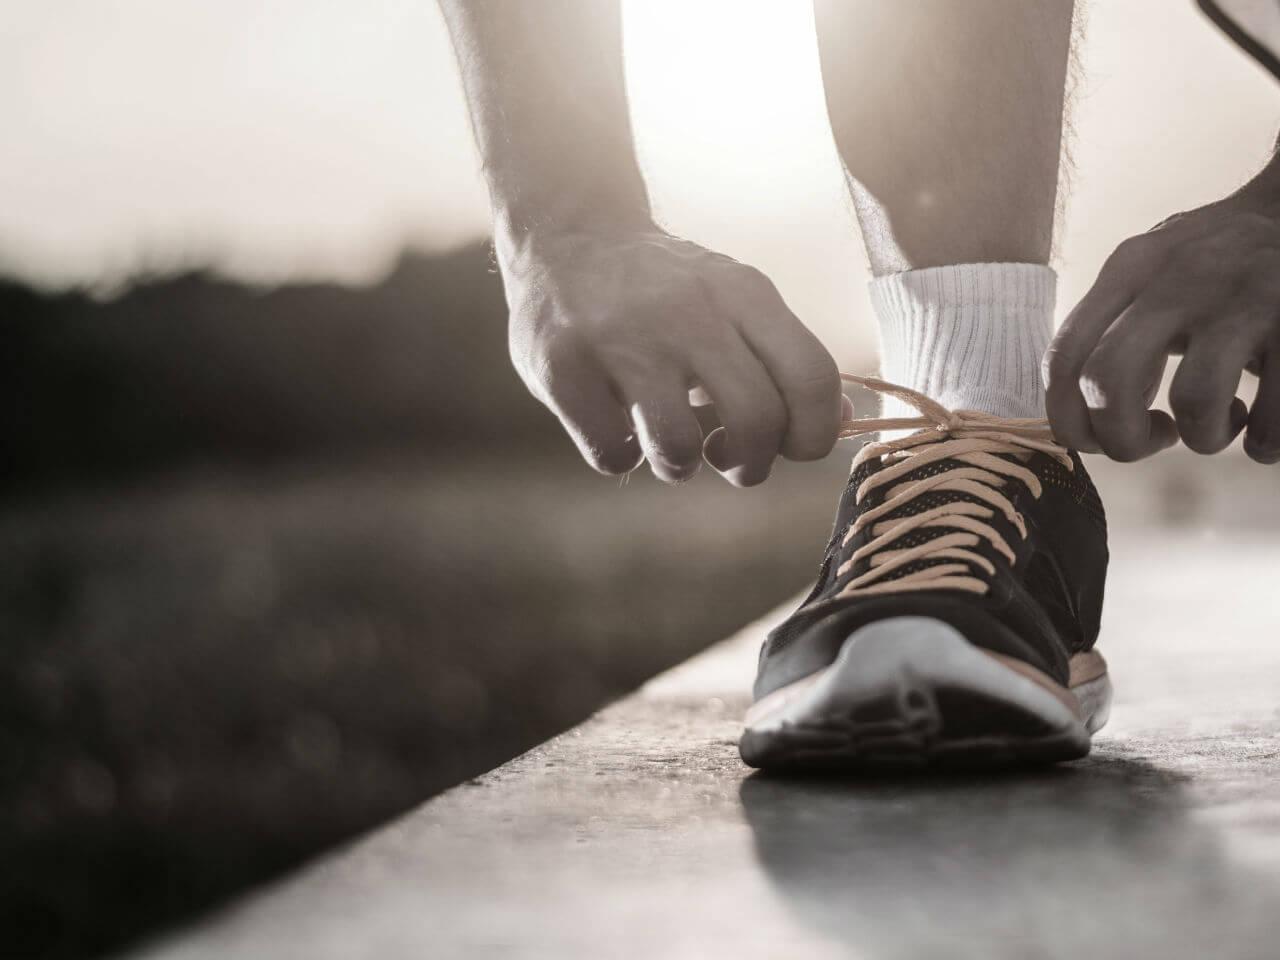 Man tying shoelace